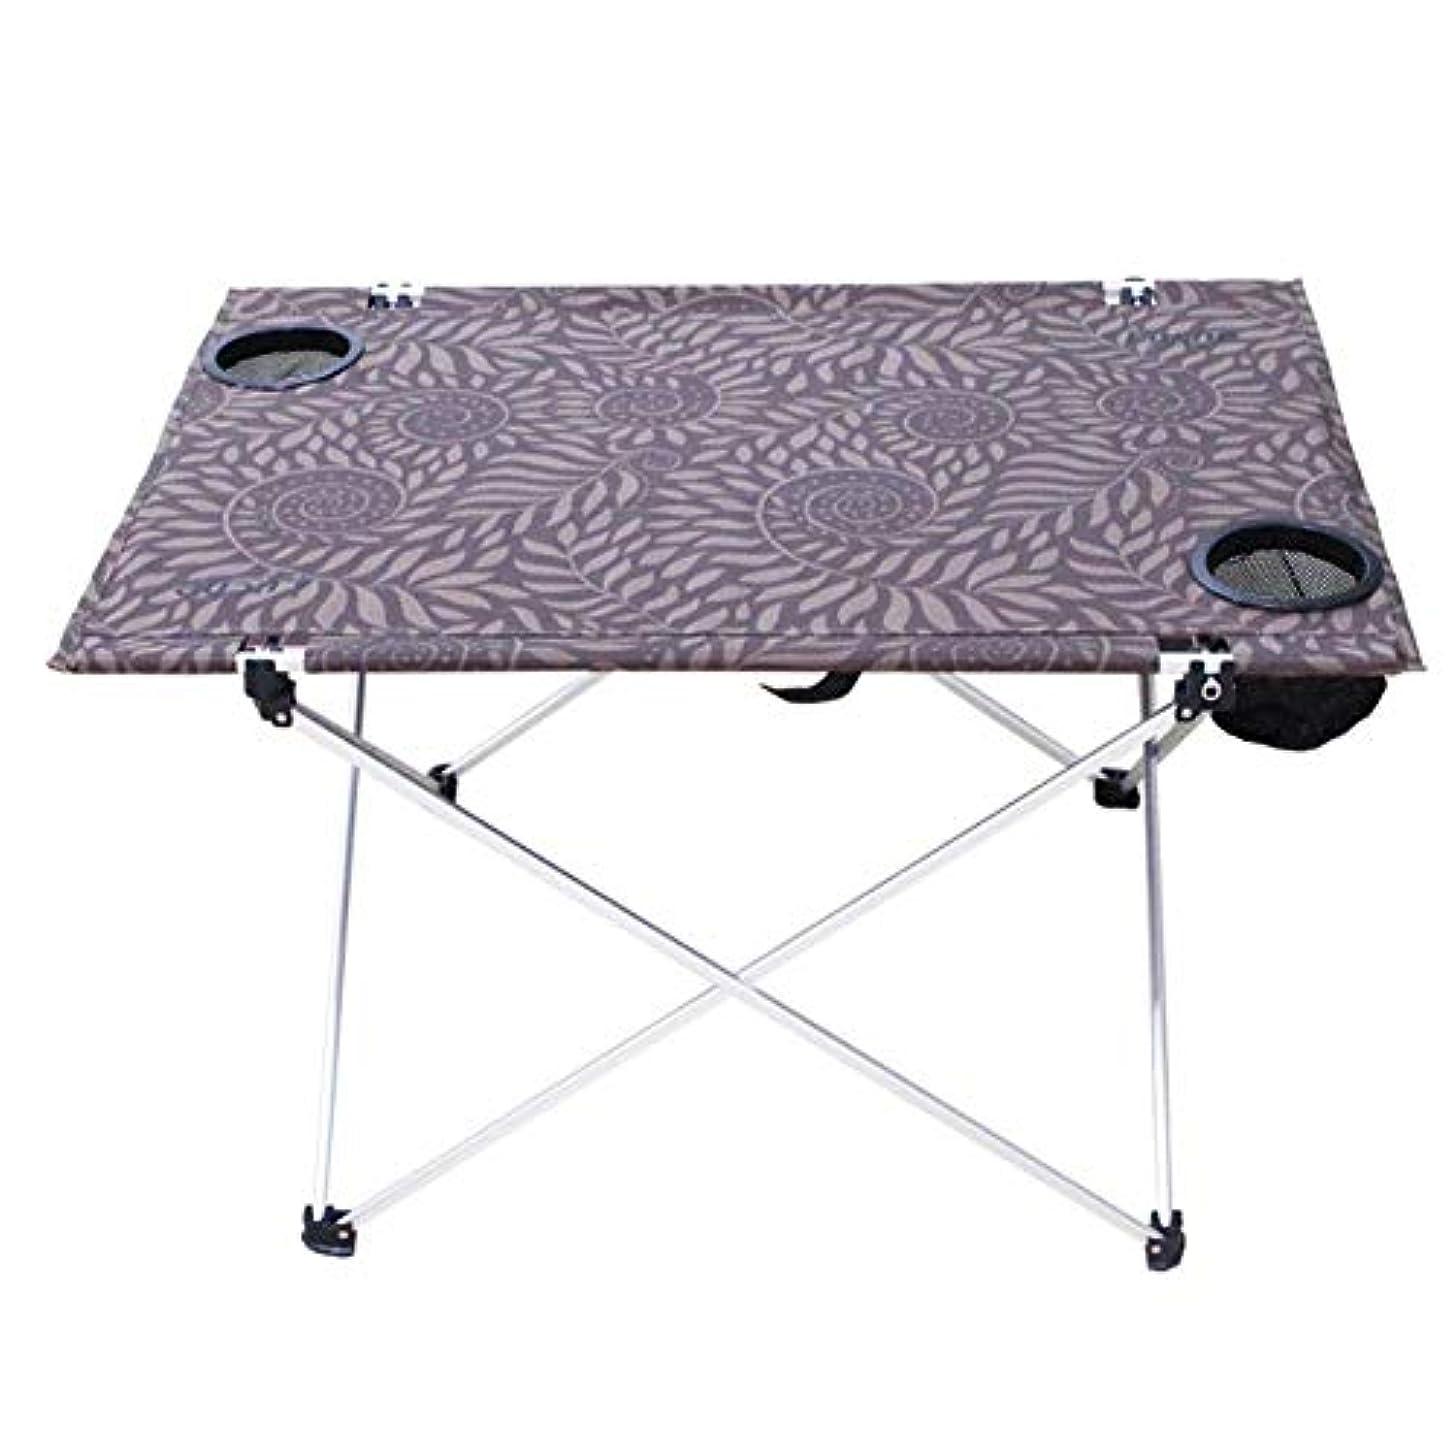 通訳ごちそう手術屋外折りたたみピクニックテーブル多機能カップホルダーポータブルキャンプバーベキューガーデンテラスビーチヤード調理家庭用レジャー軽量丈夫な耐久性のあるパープル